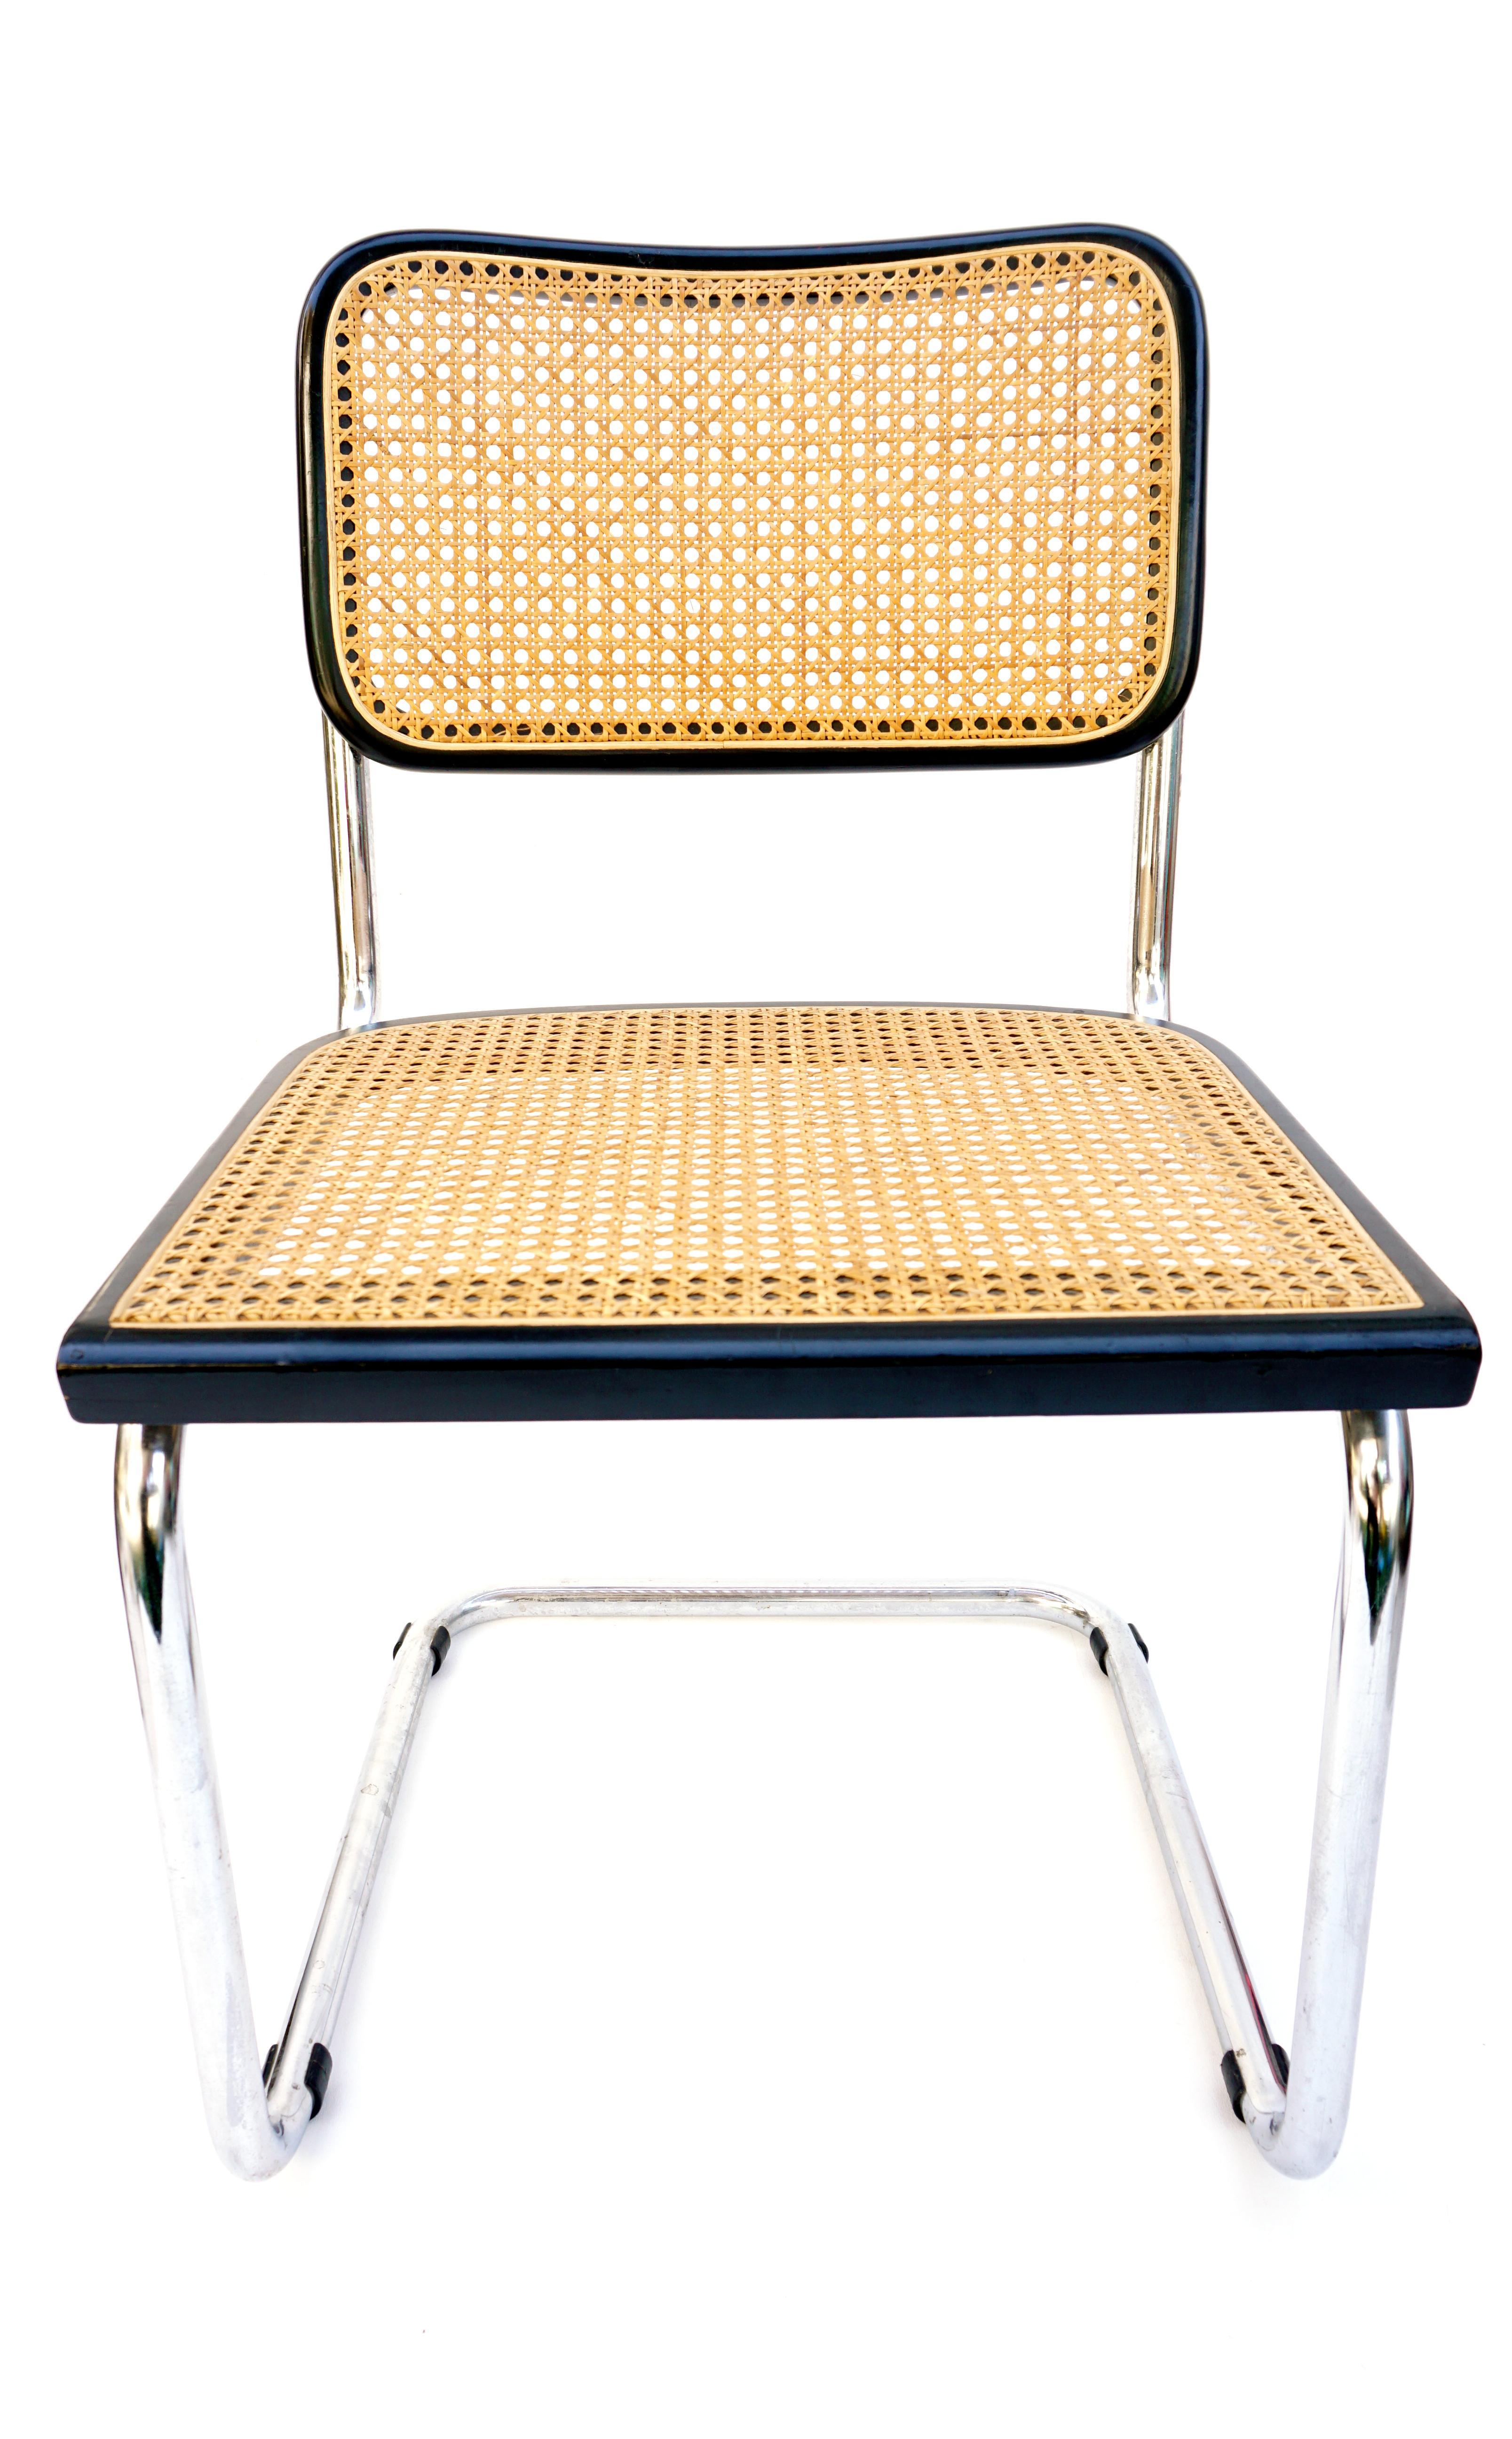 Bauhaus Vintage Bauhaus Marcel Breuer B32 Cantilever Chair For Sale - Image 3 of 11  sc 1 st  Chairish & Vintage Bauhaus Marcel Breuer B32 Cantilever Chair | Chairish